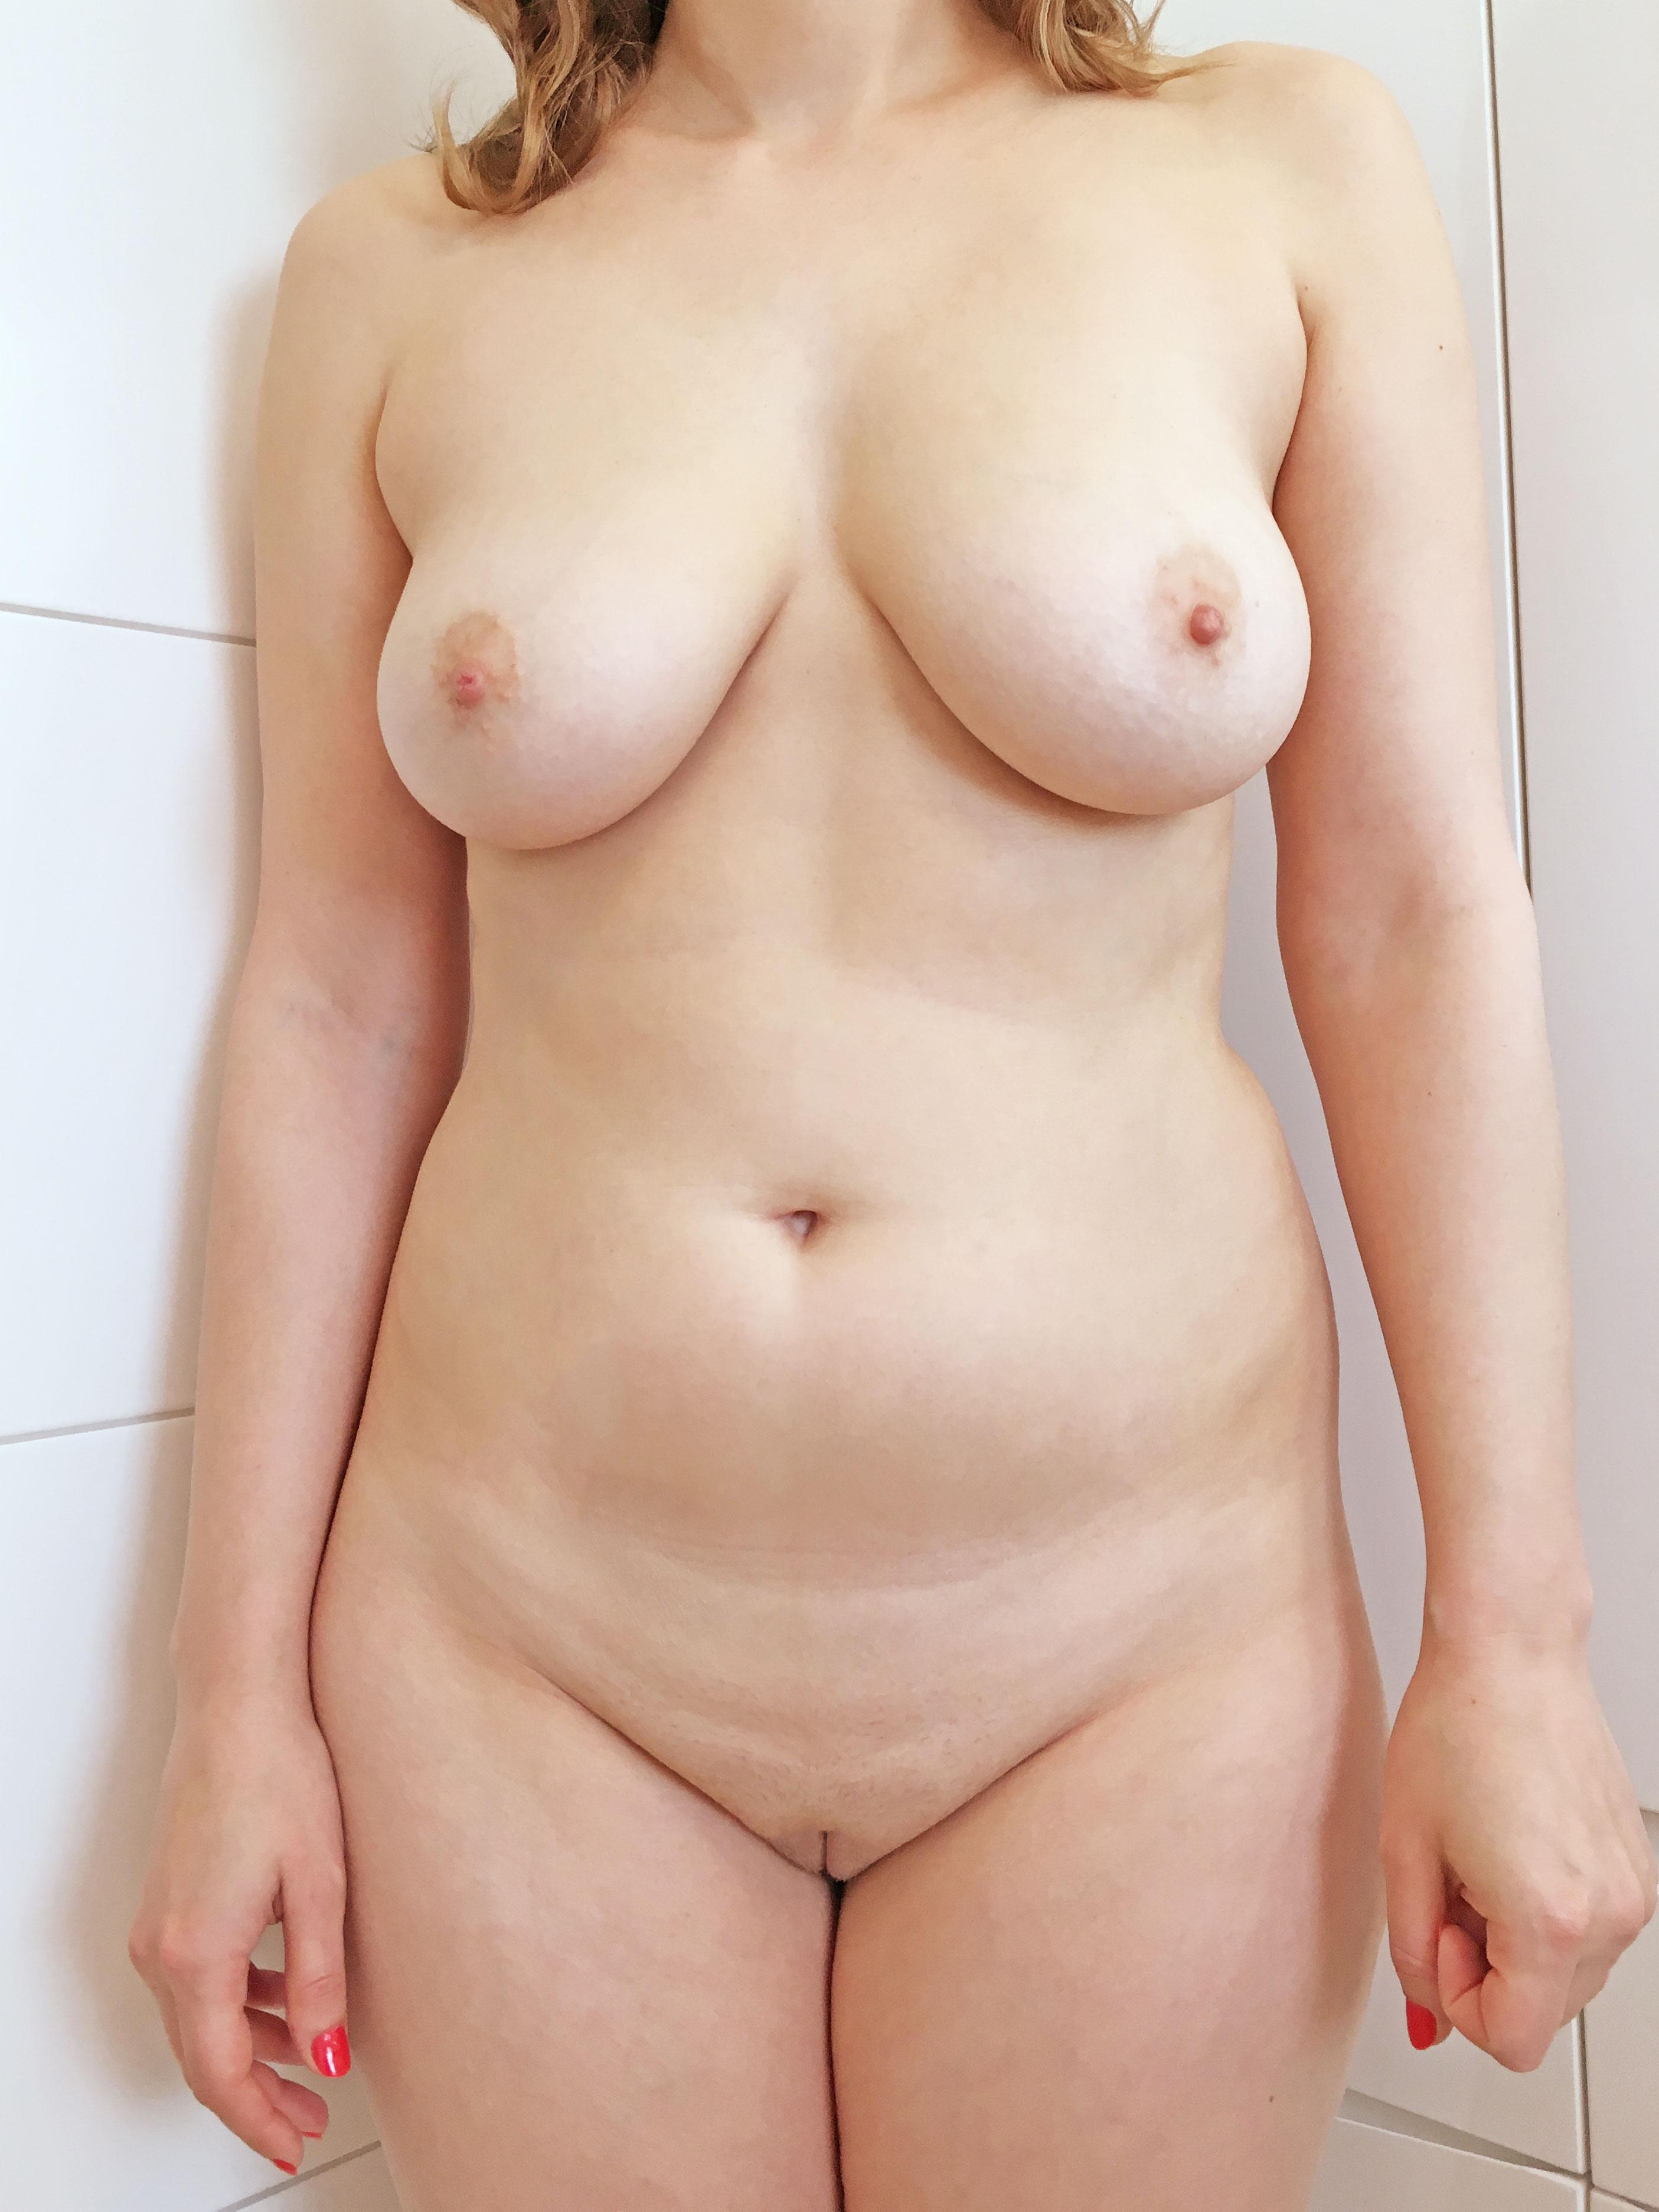 Совершеннолетние телки обнажили большие бюсты 19 фото